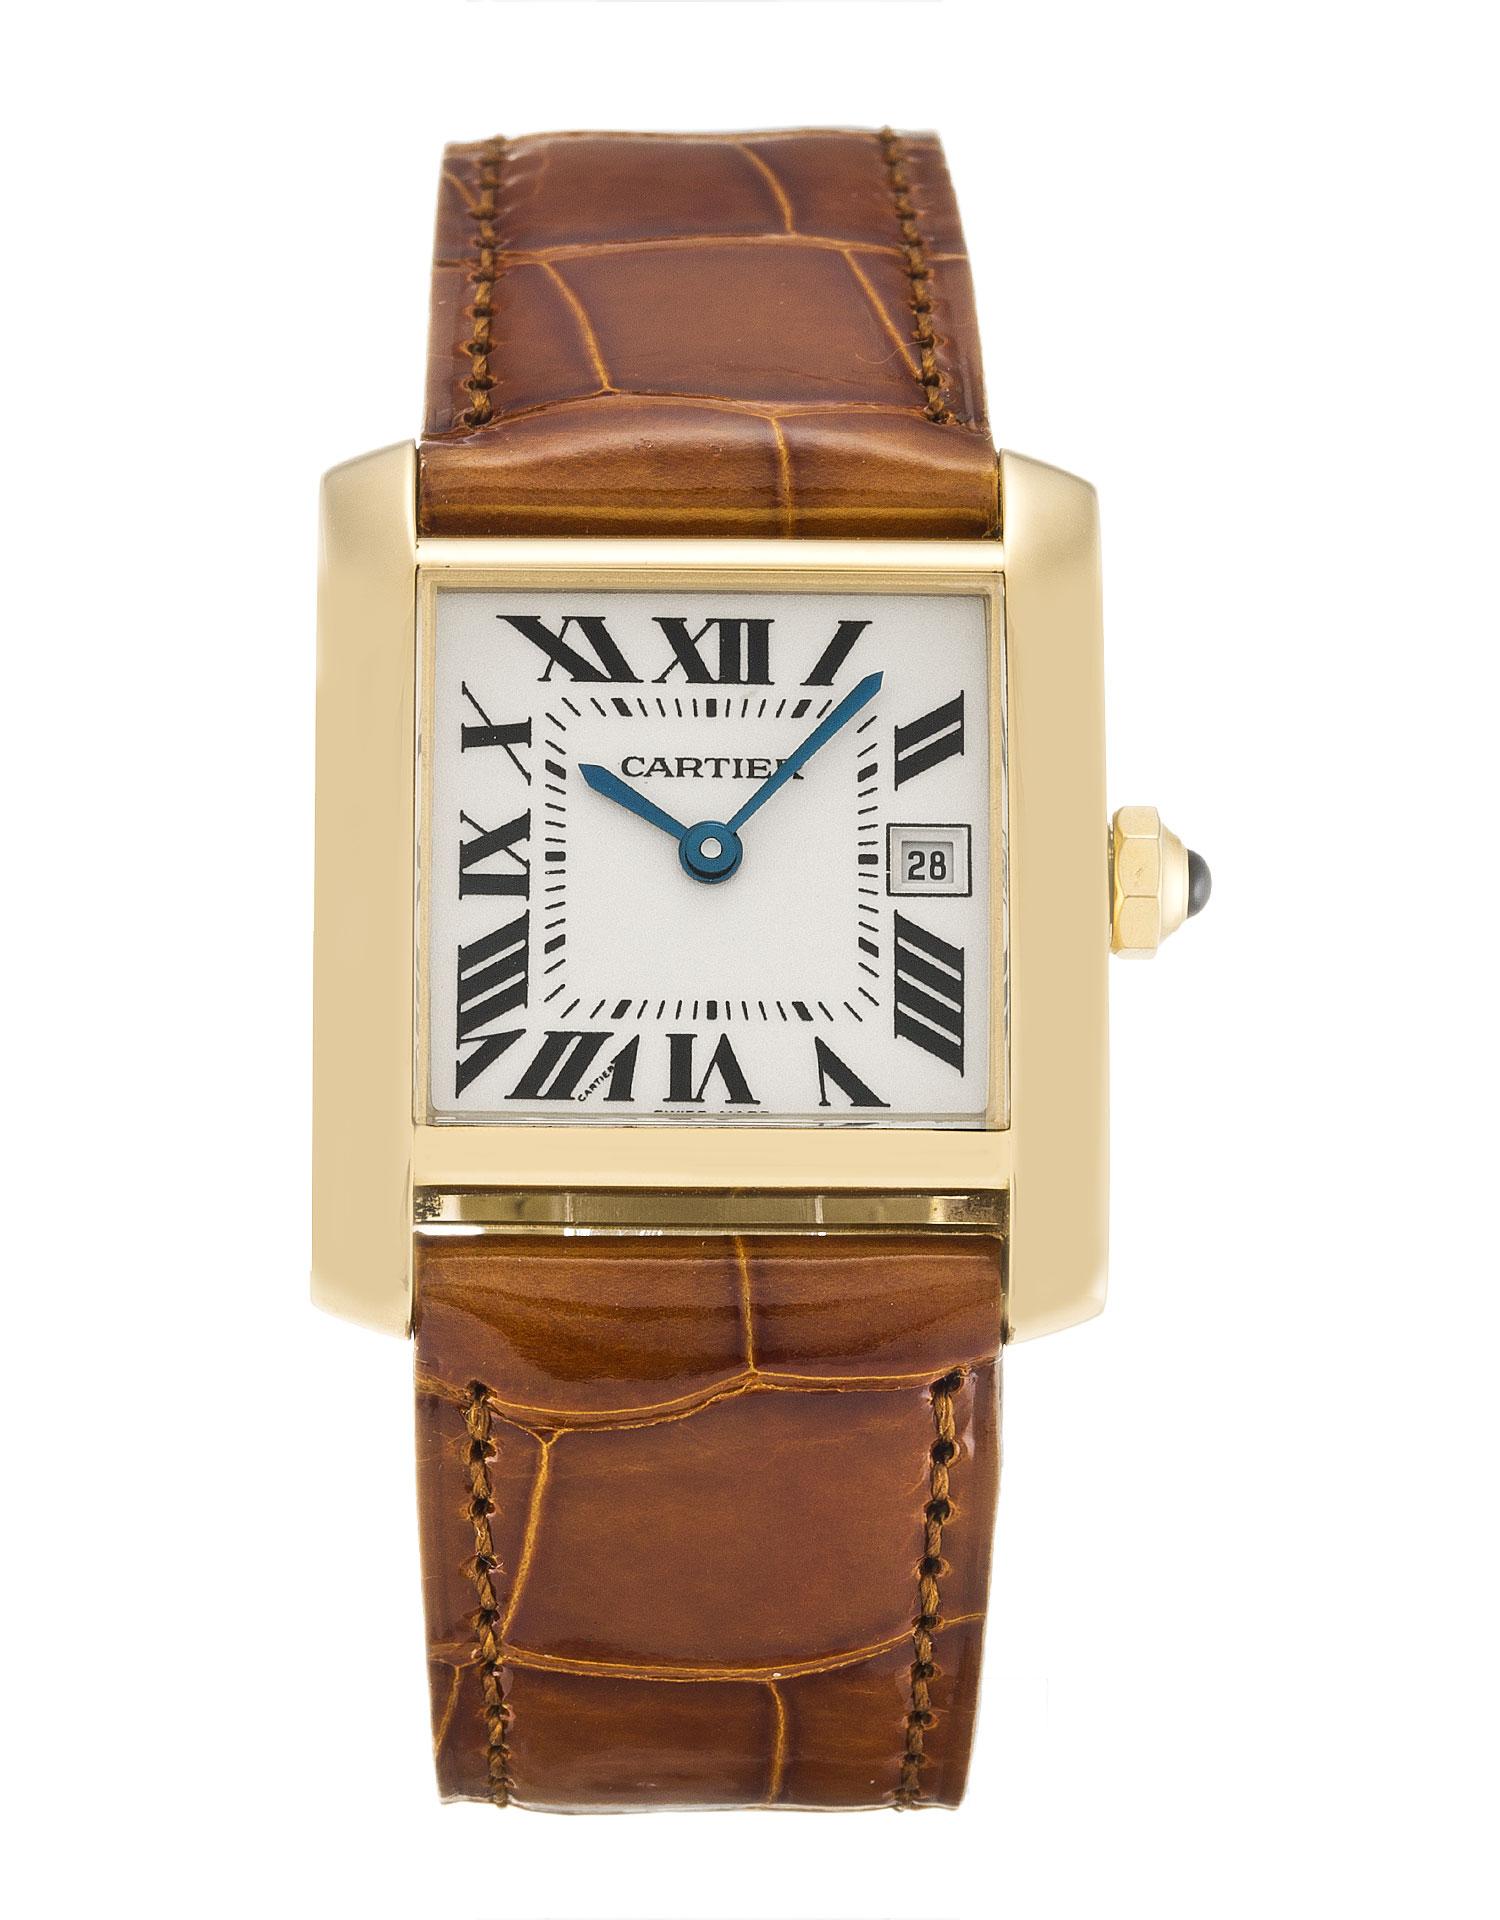 Cartier Tank Francaise W5001456 Unisex 31 Mm Yellow Gold Case Quartz Movement – iapac.to